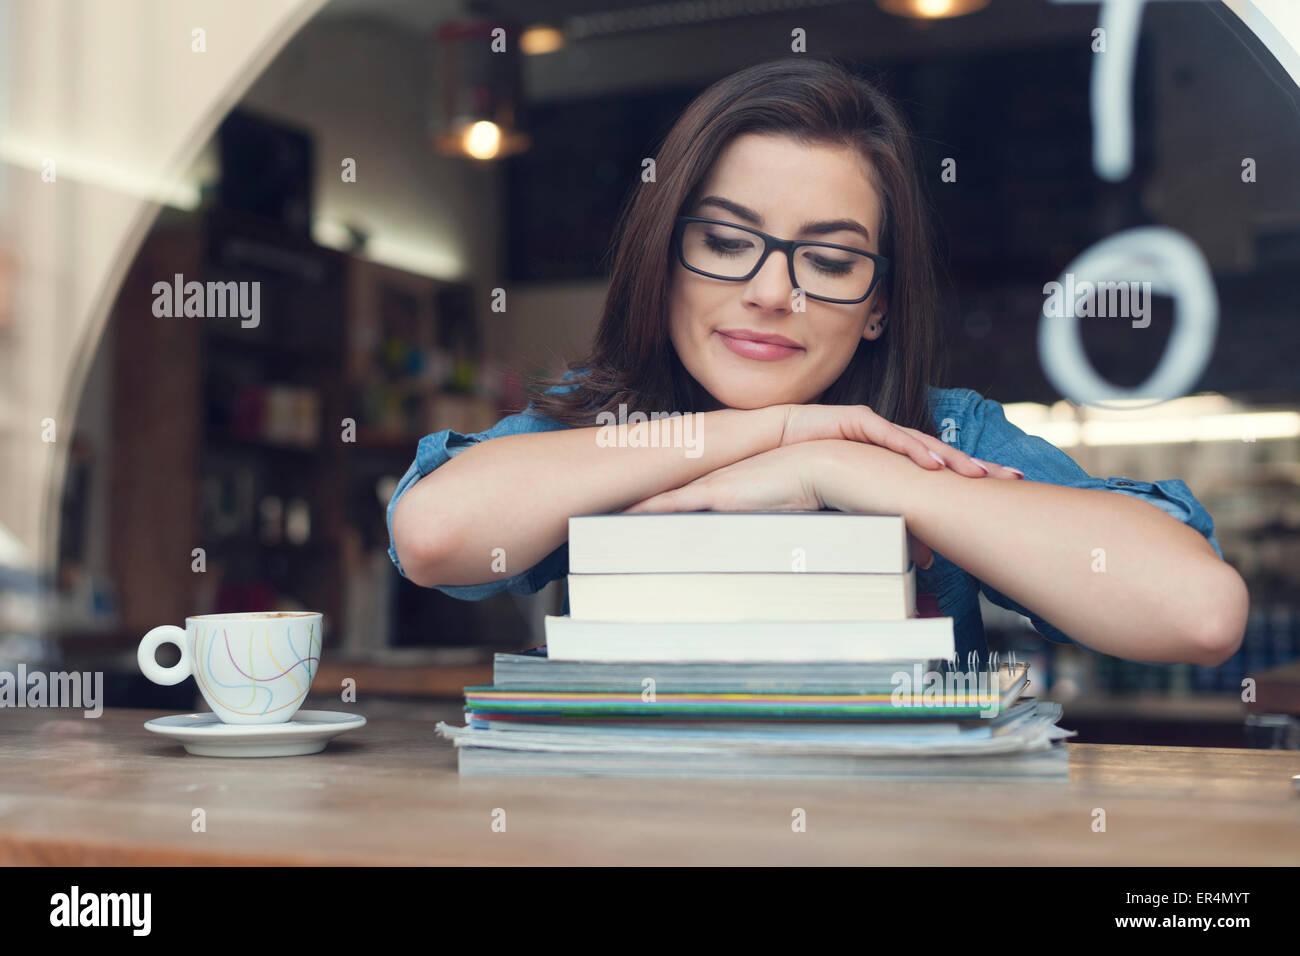 Bella e sorridente studentessa presso il cafe. Cracovia in Polonia Immagini Stock